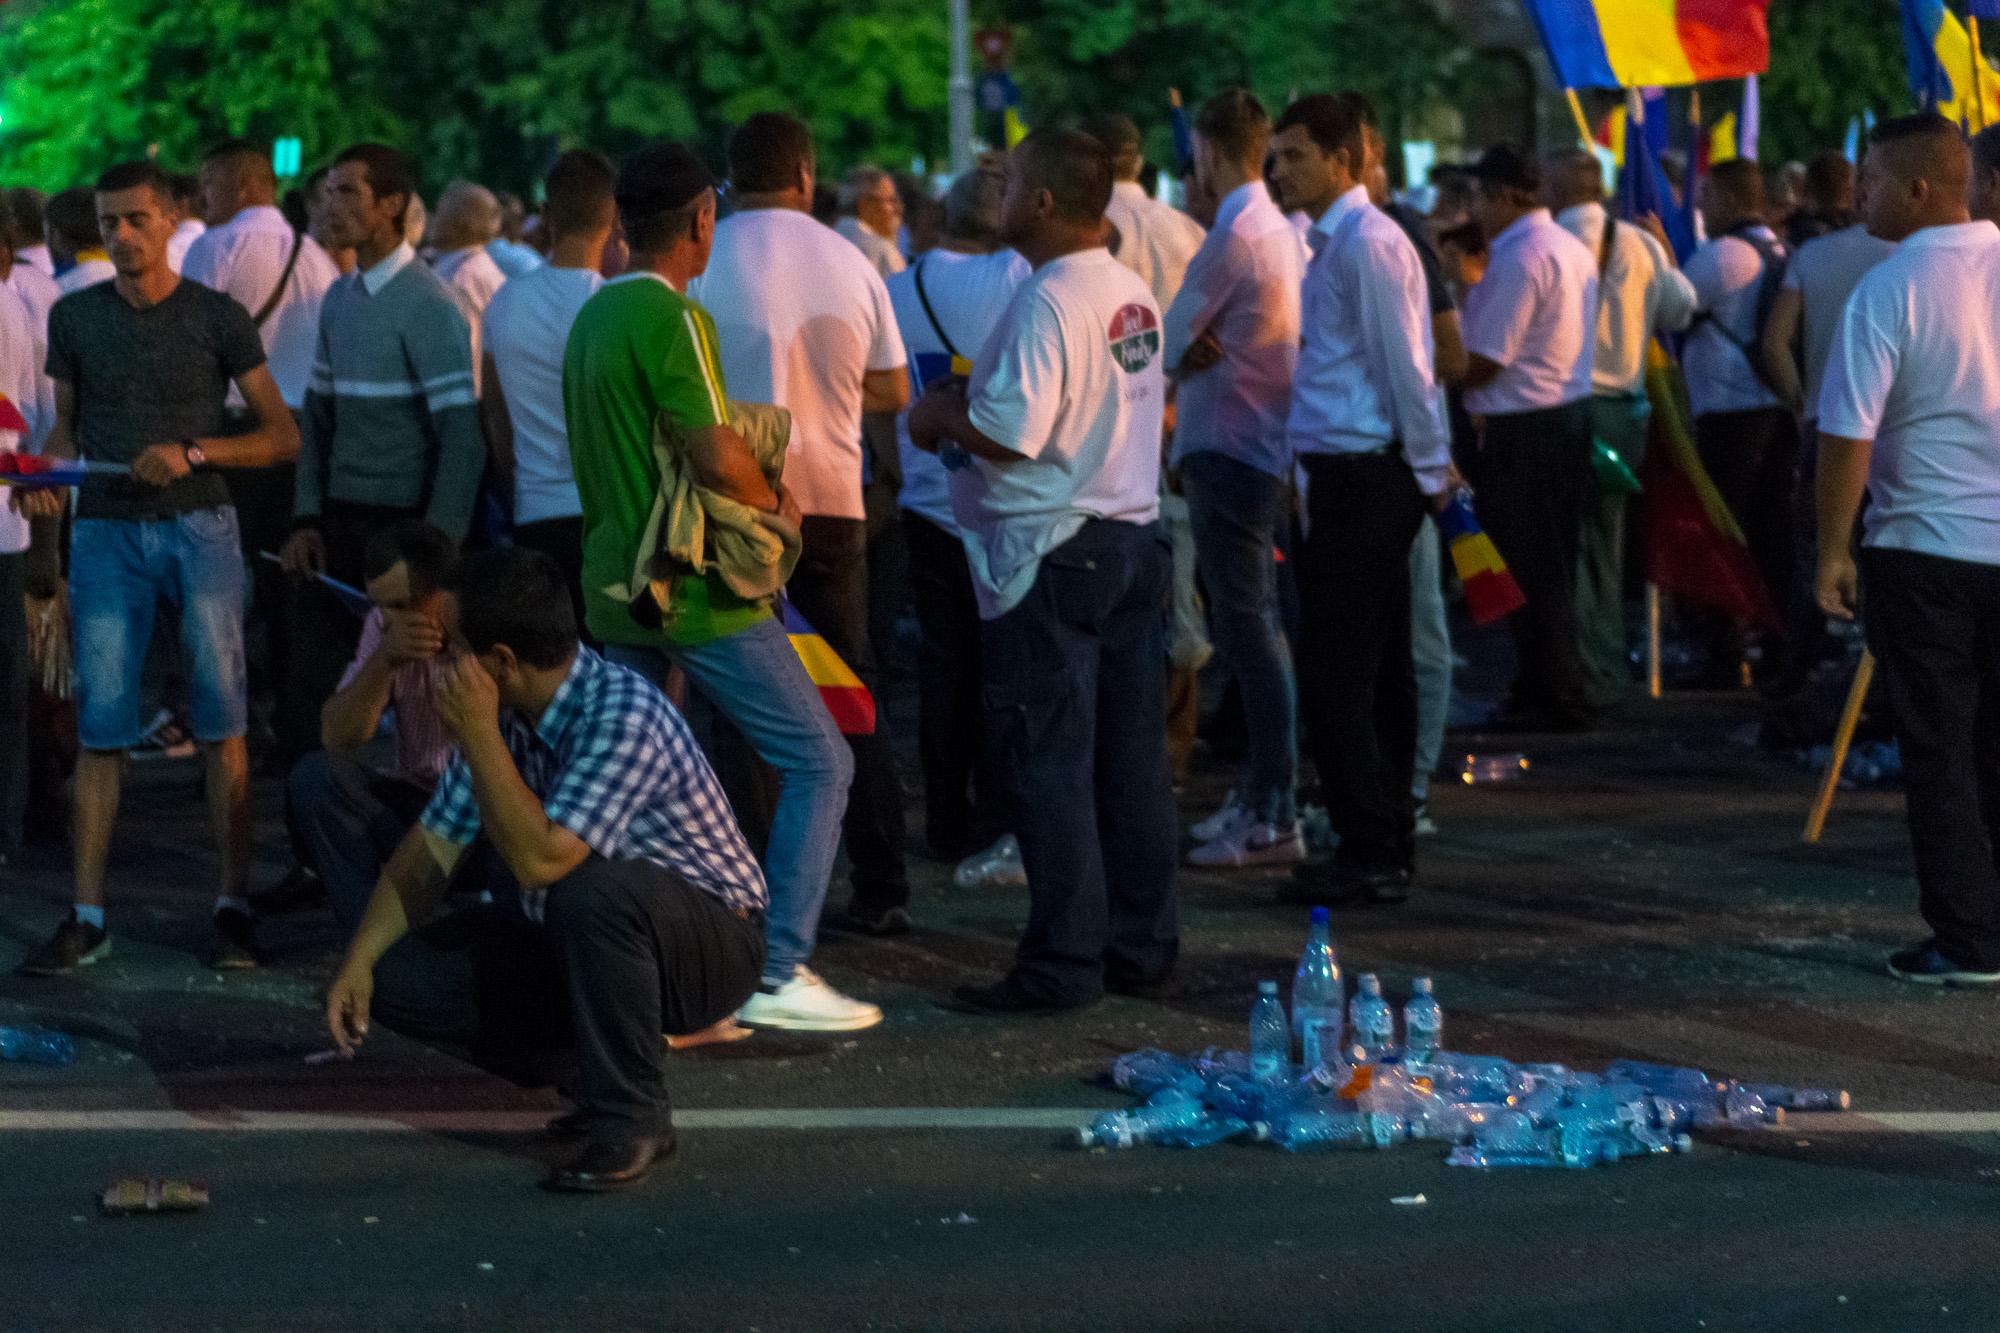 Dragnea - Cine va pierde de pe urma mitingului PSD-ALDE - Pagina 2 1528628079170-Miting-PSD-mizeria-din-urma-7